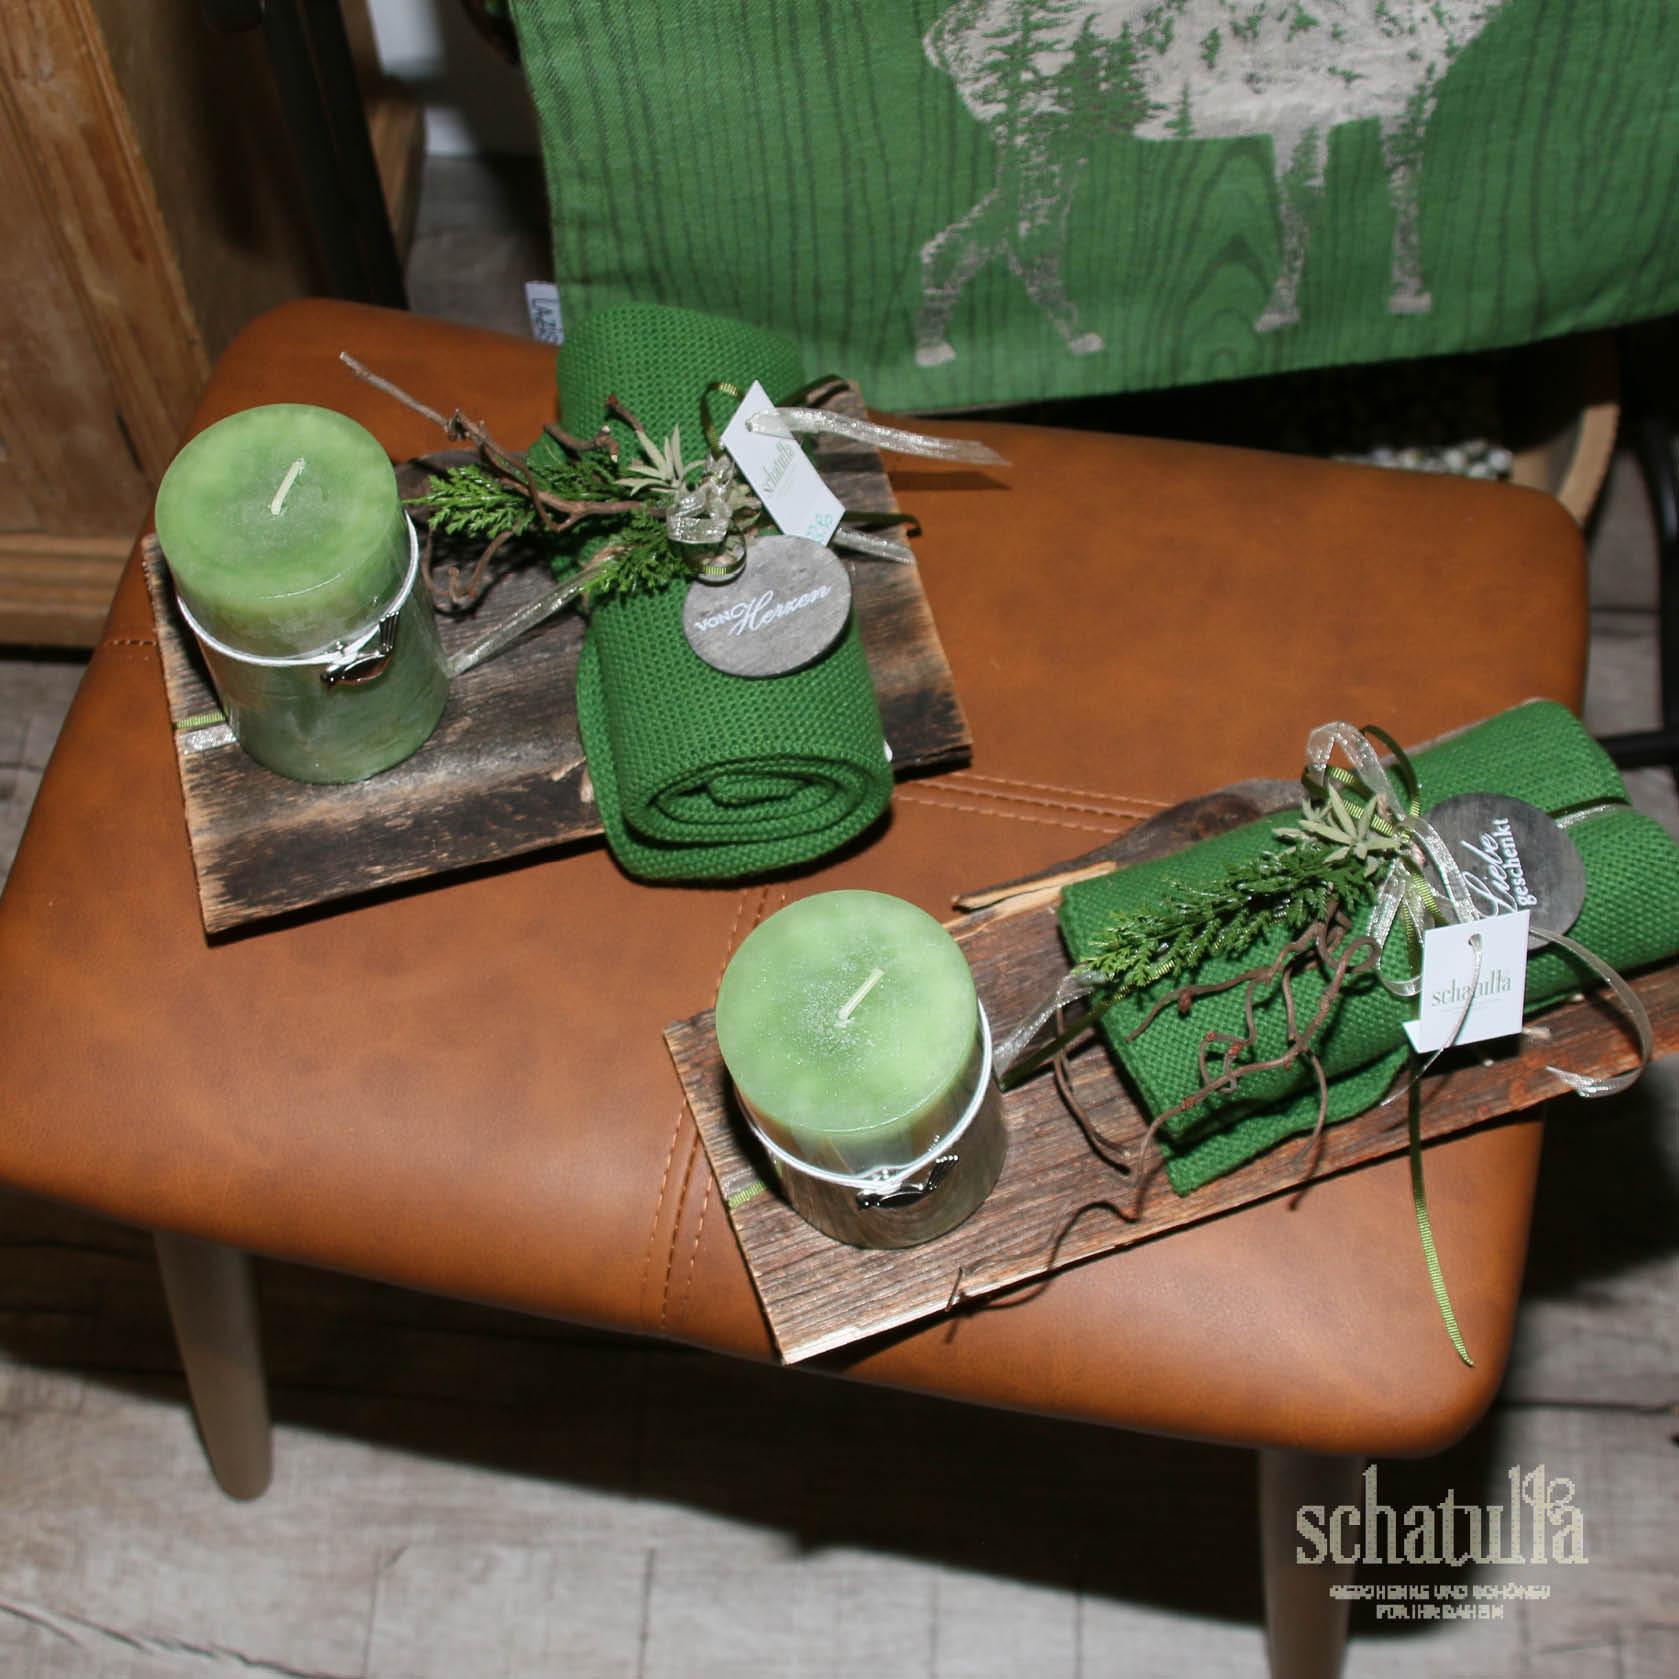 Schatulla Schruns